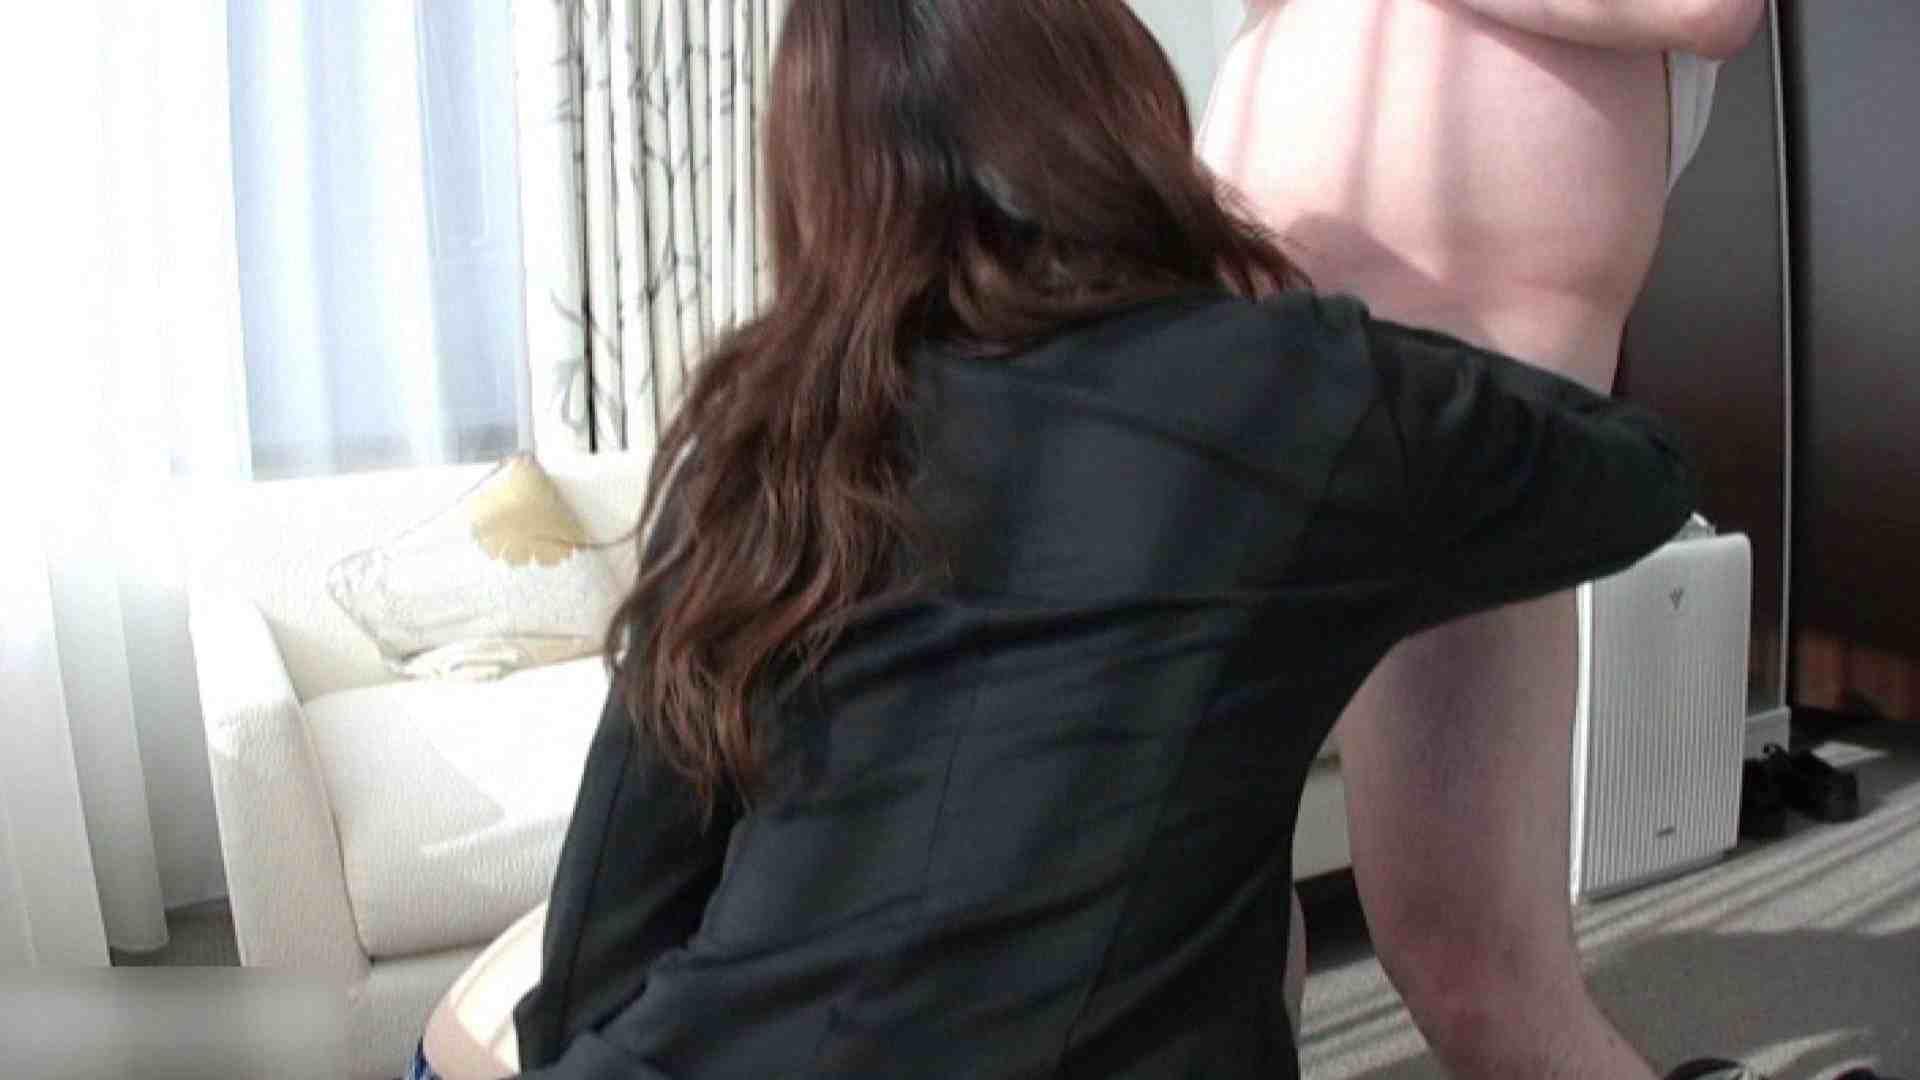 淫乱人妻 狂った宴 Vol.01 淫乱 オメコ動画キャプチャ 104PIX 43